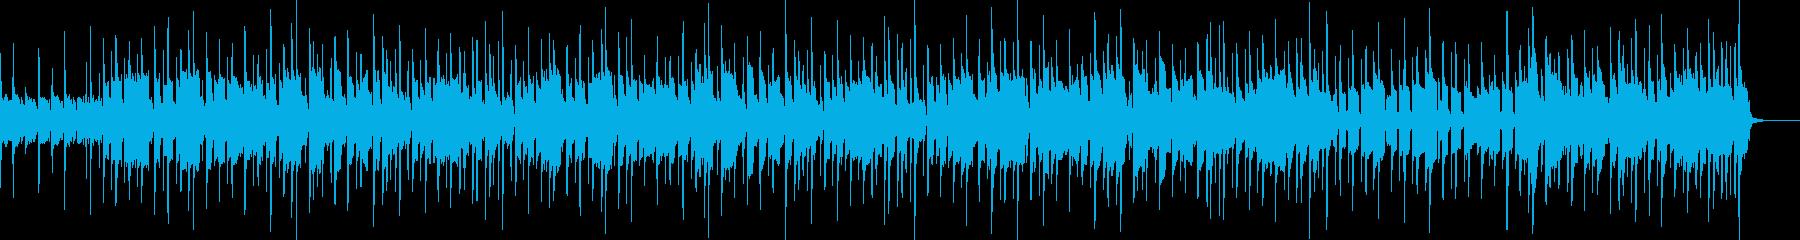 ほのぼのポップス。ほんわかクッキング♪の再生済みの波形